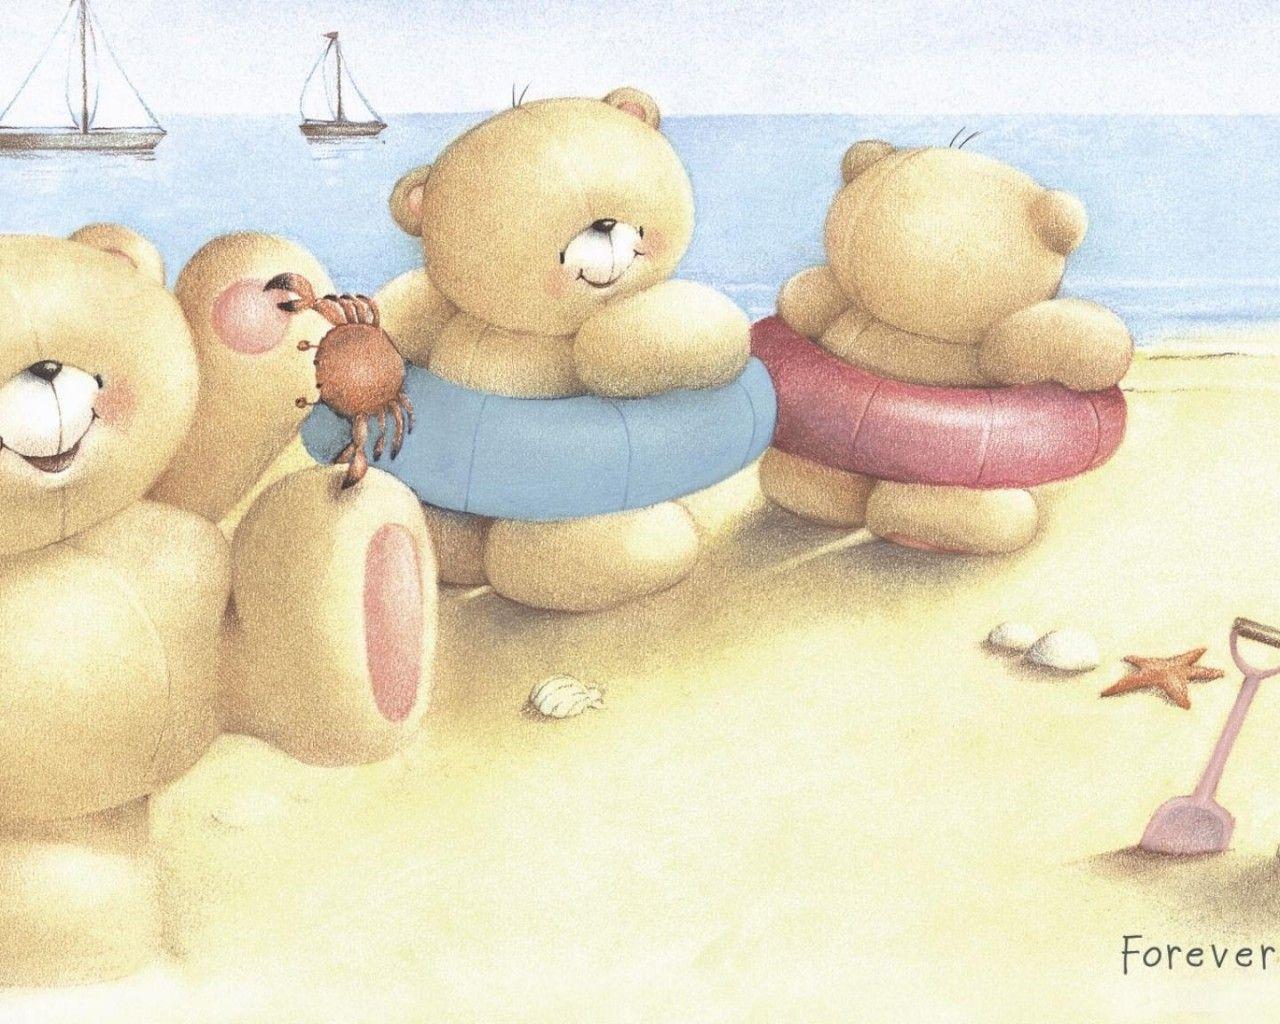 Download Wallpaper Forever Friends Deckchair Bear Teddy Bear